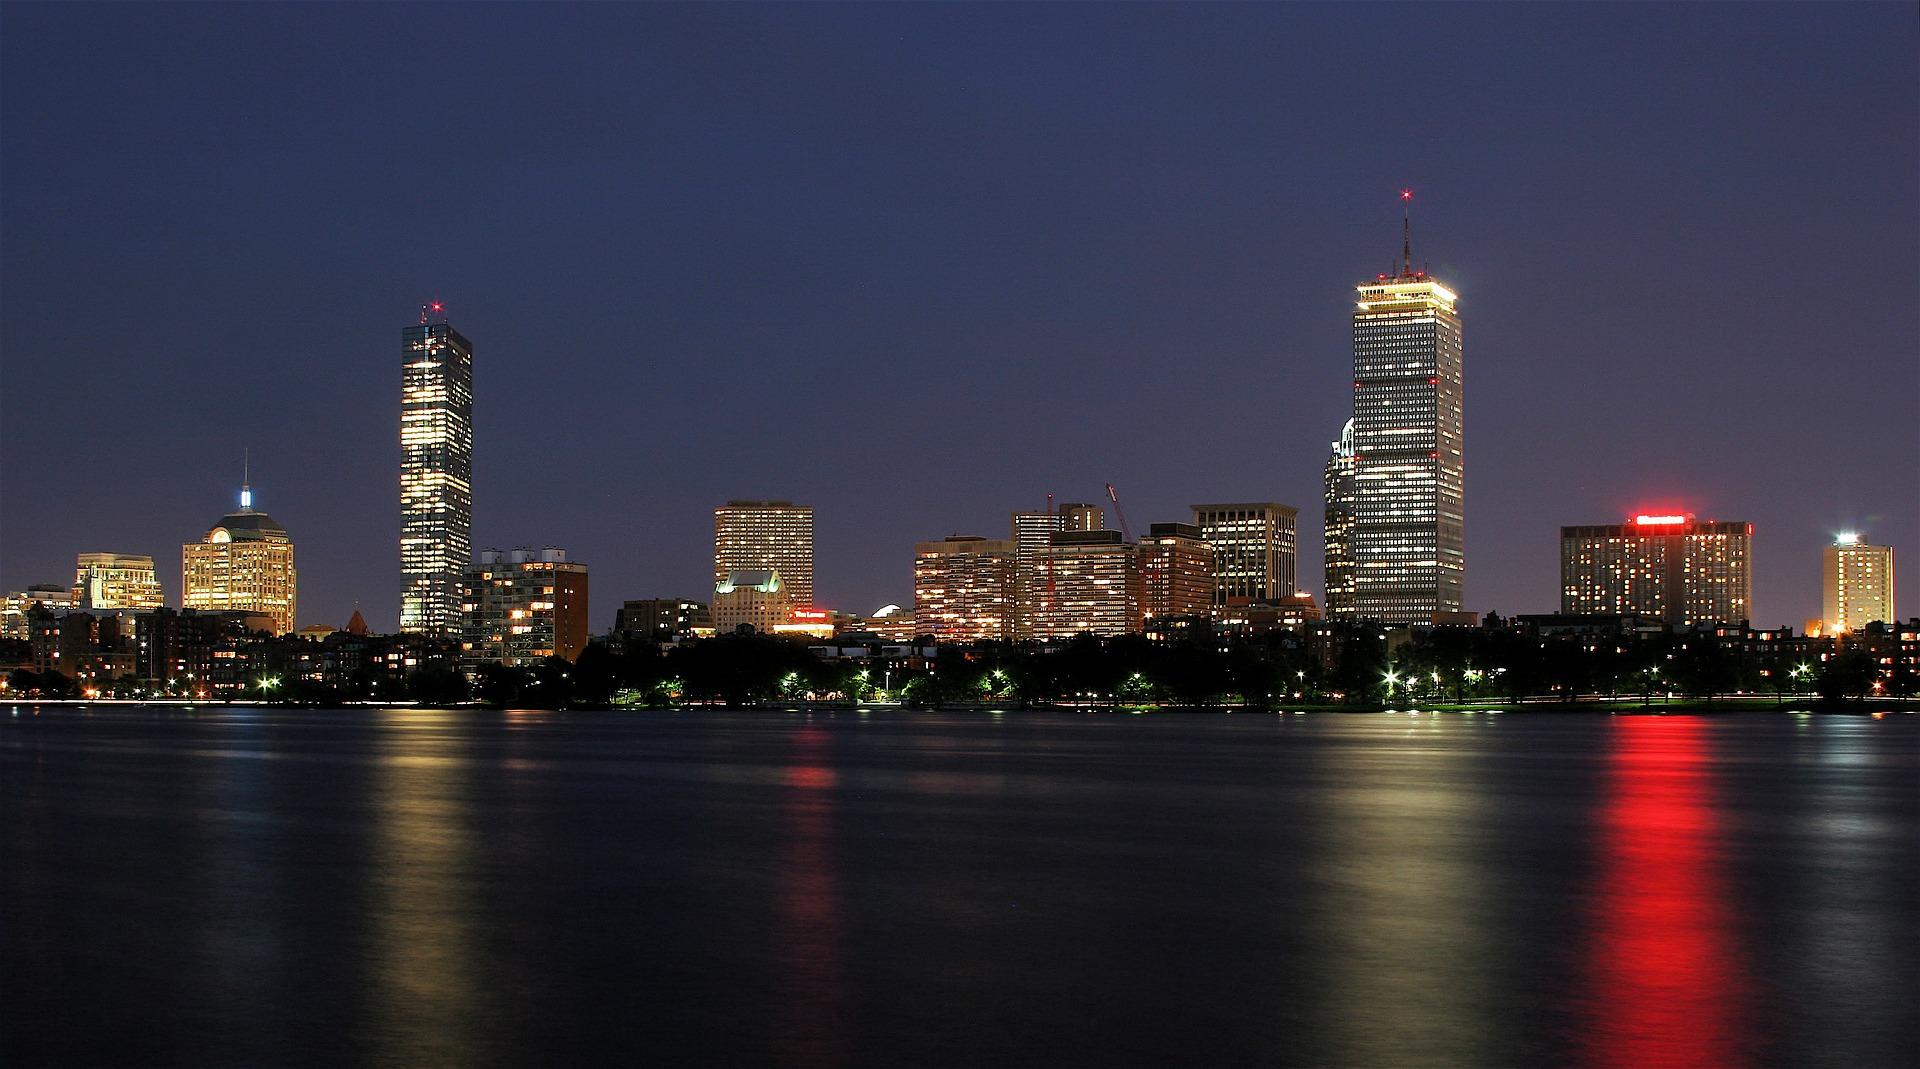 https://pixabay.com/en/boston-massachusetts-skyline-urban-592192/